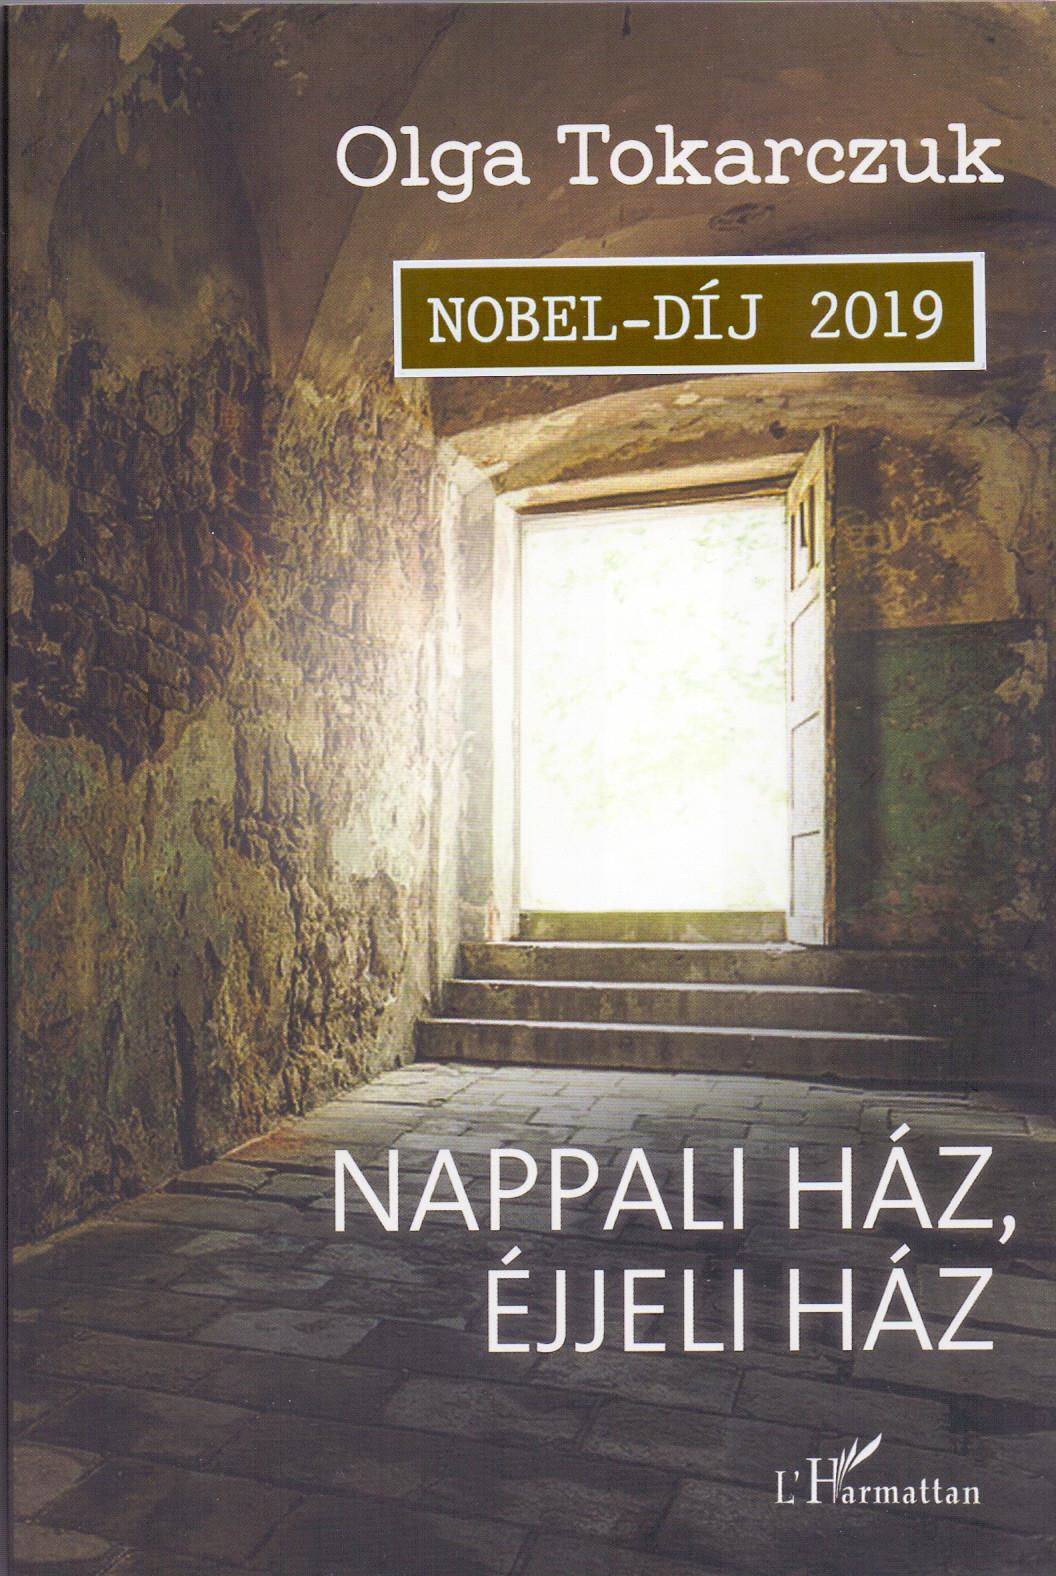 Olga Tokarczuk - Nappali ház, éjjeli ház